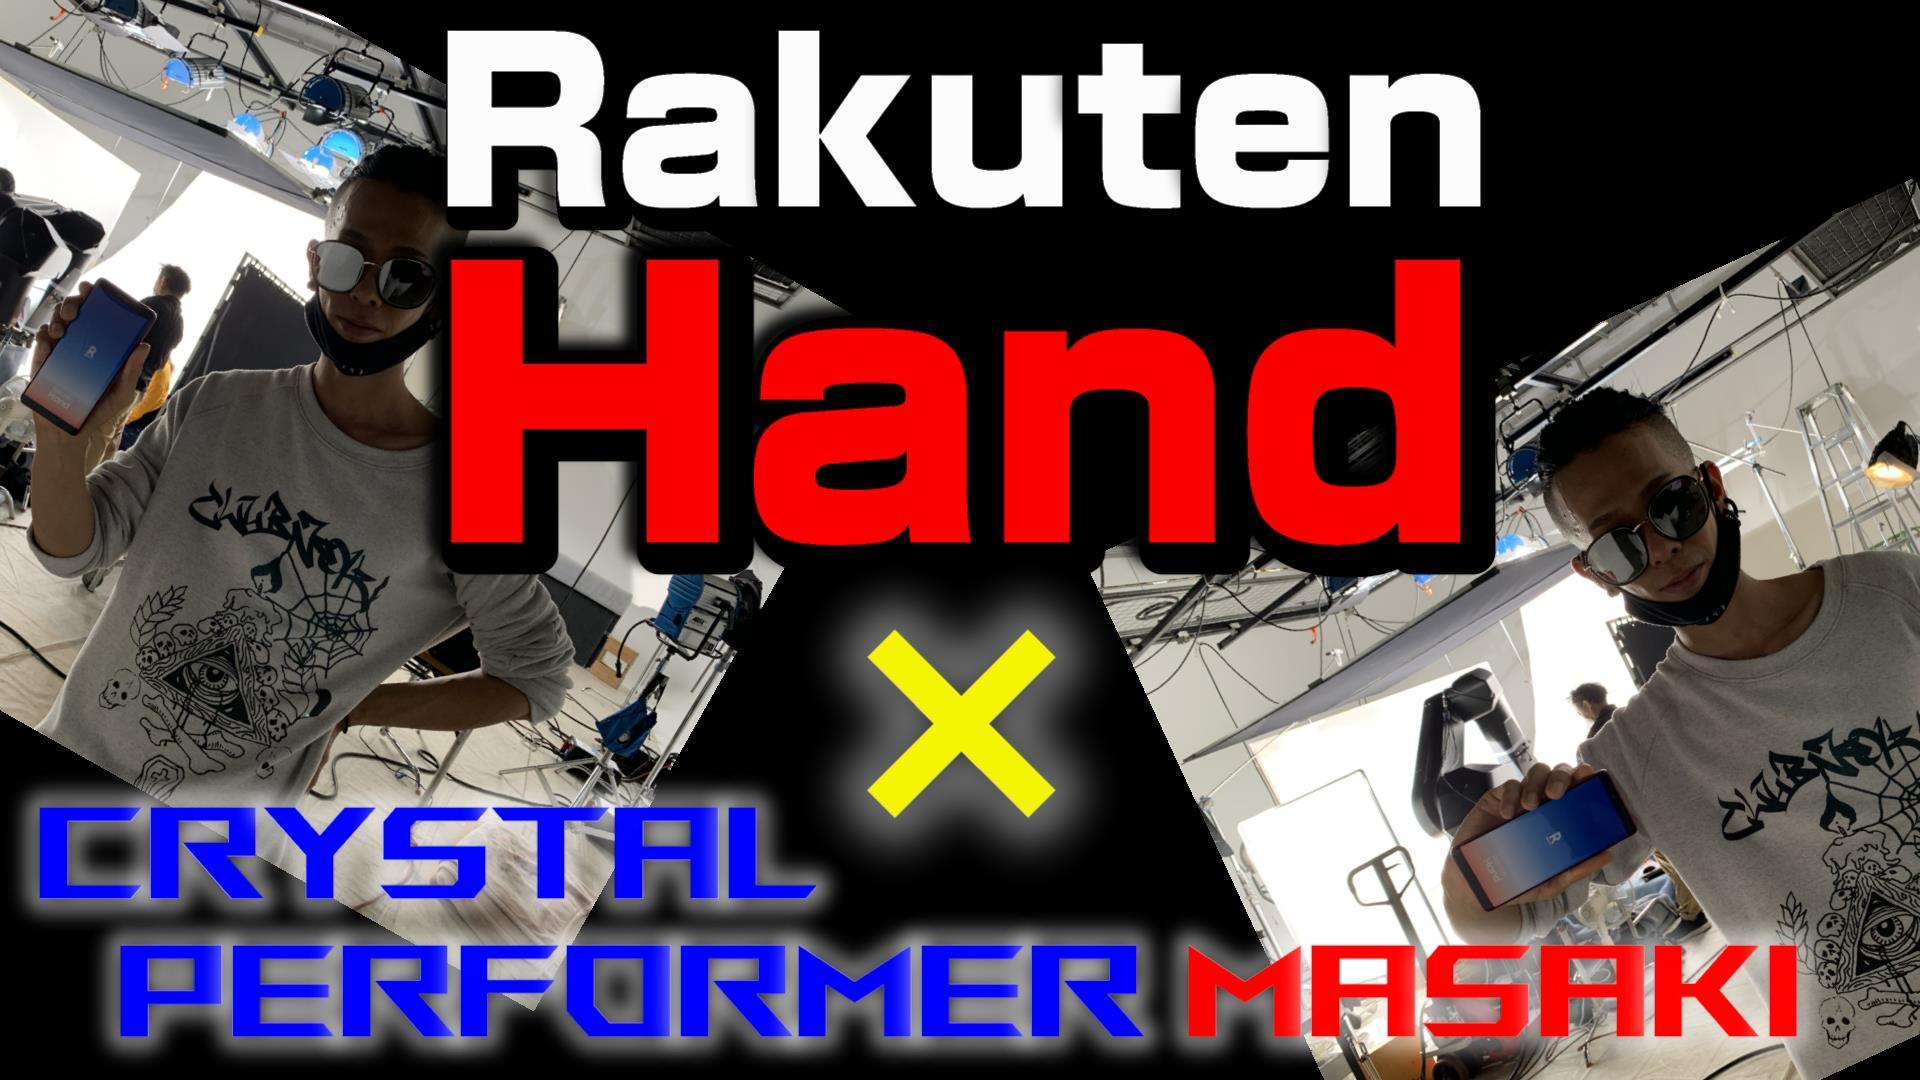 楽天モバイルRakuten HandのTVCMにクリスタルパフォーマーMASAKI出演!